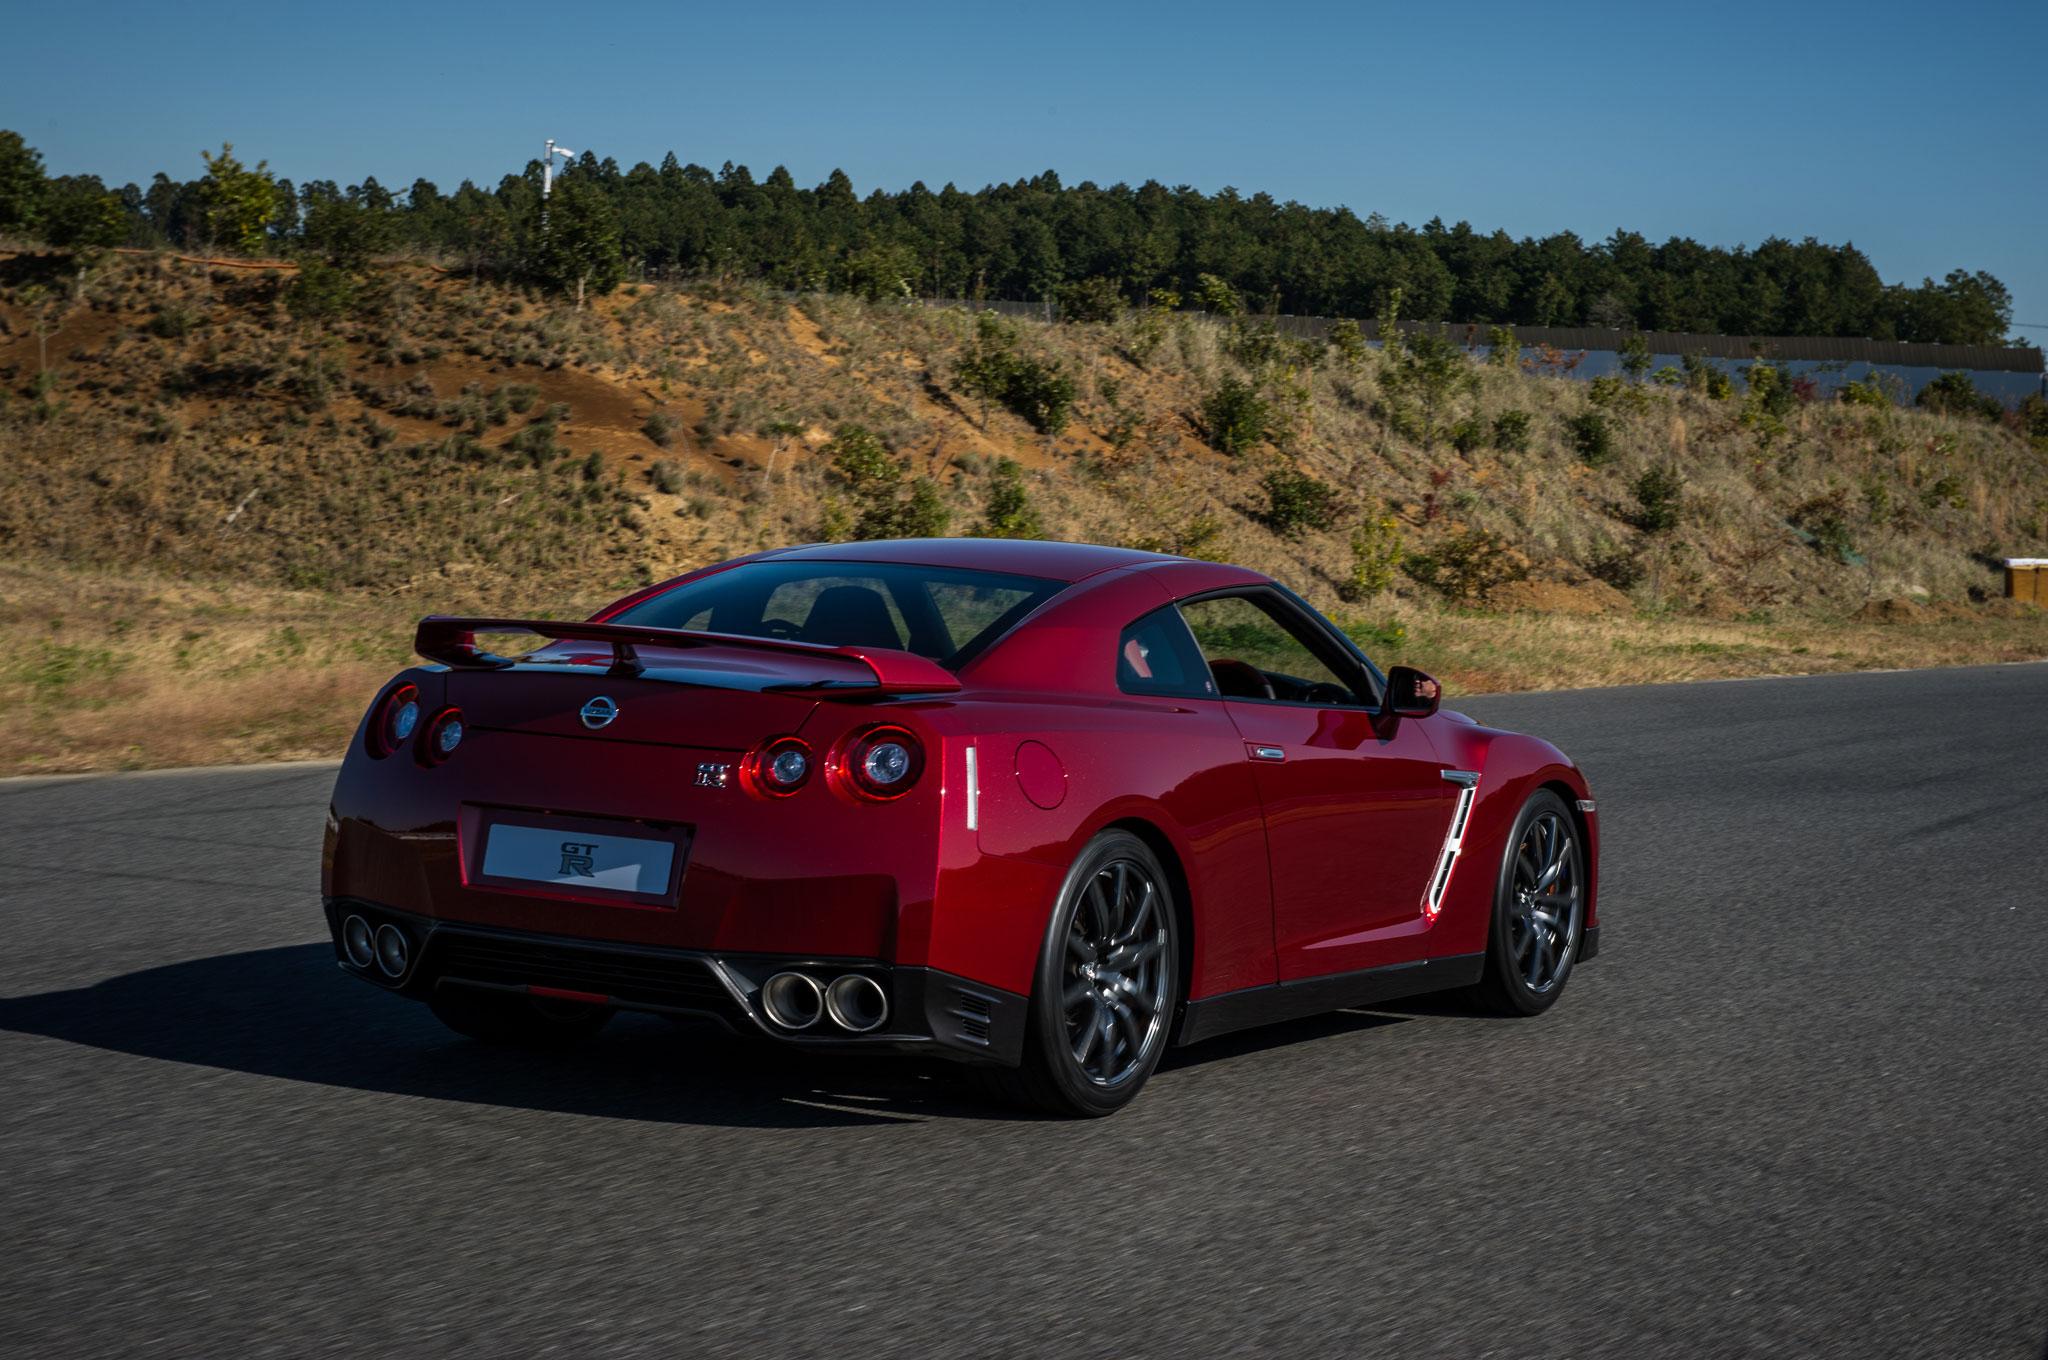 2015 nissan gt-r review - automobile magazine